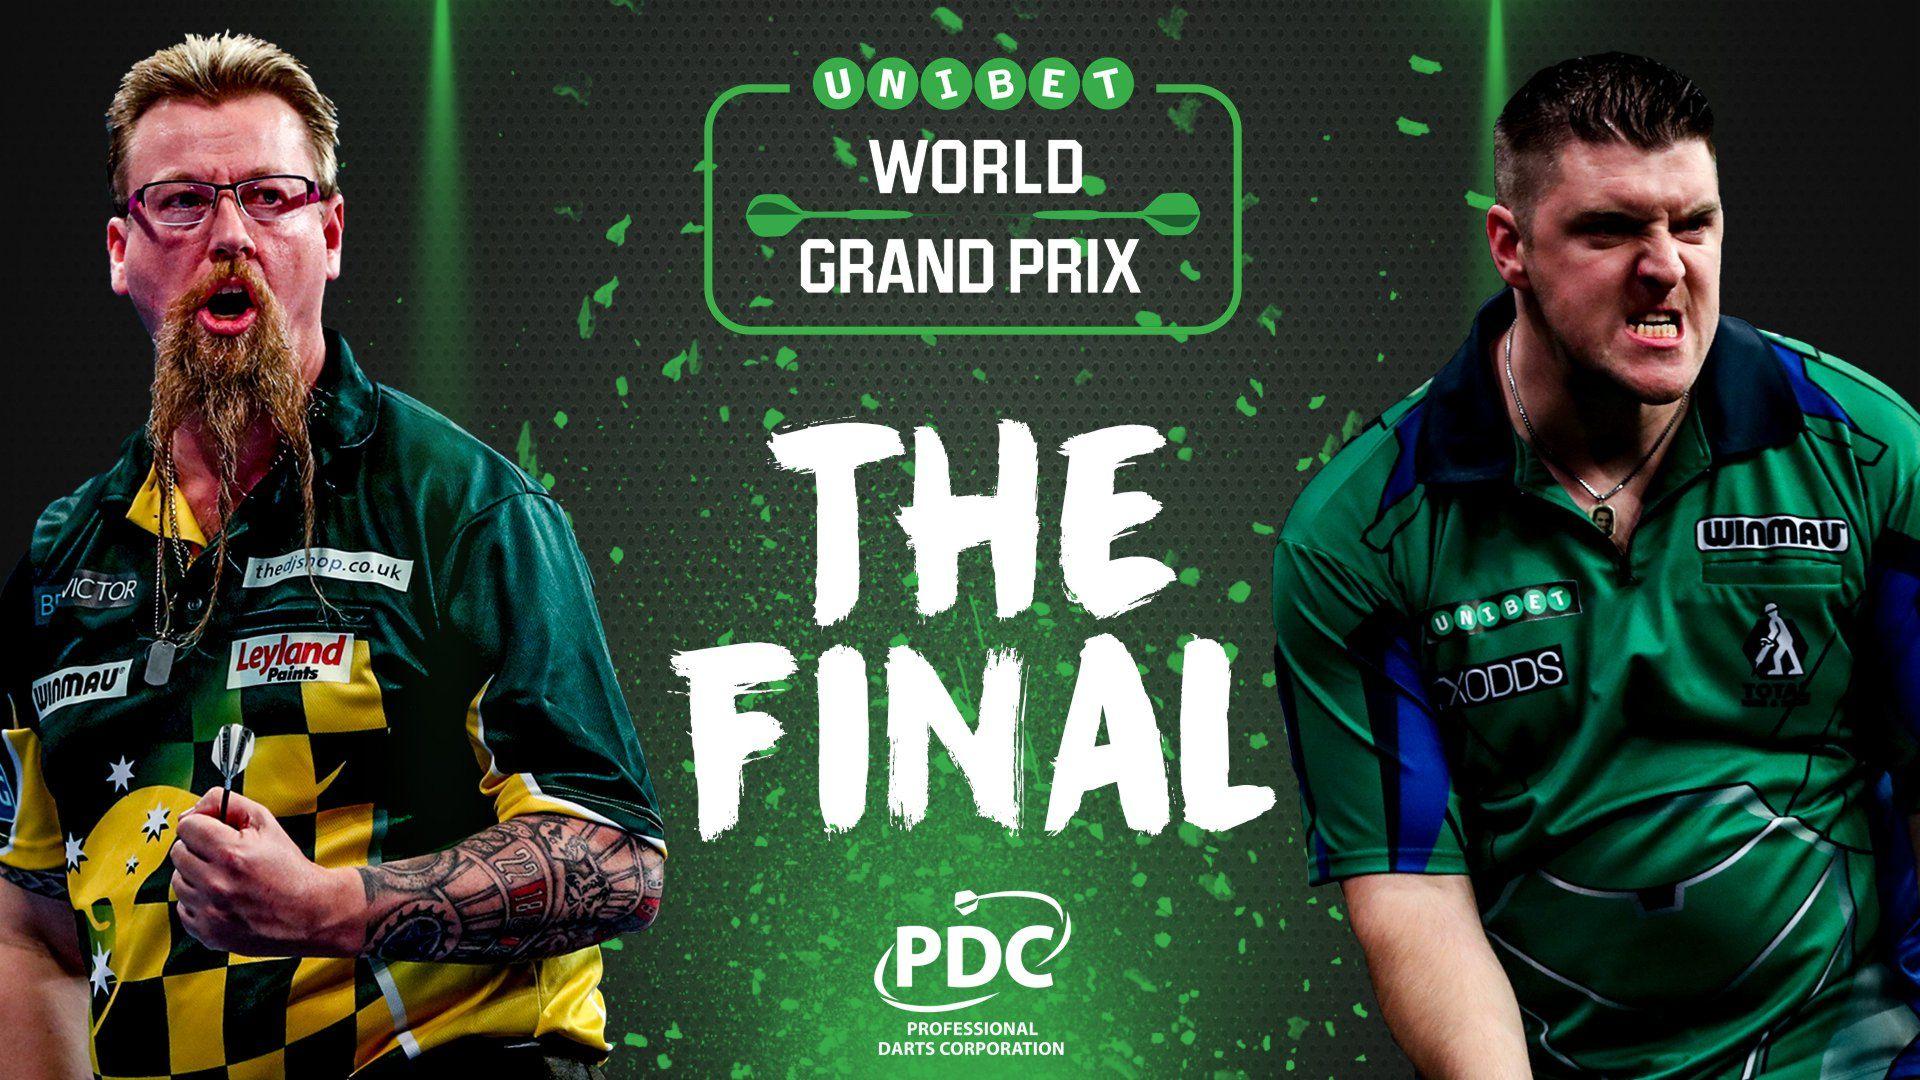 Daryl Gurney und Simon Whitlock bestreiten das Finale des World Grand Prix 2017